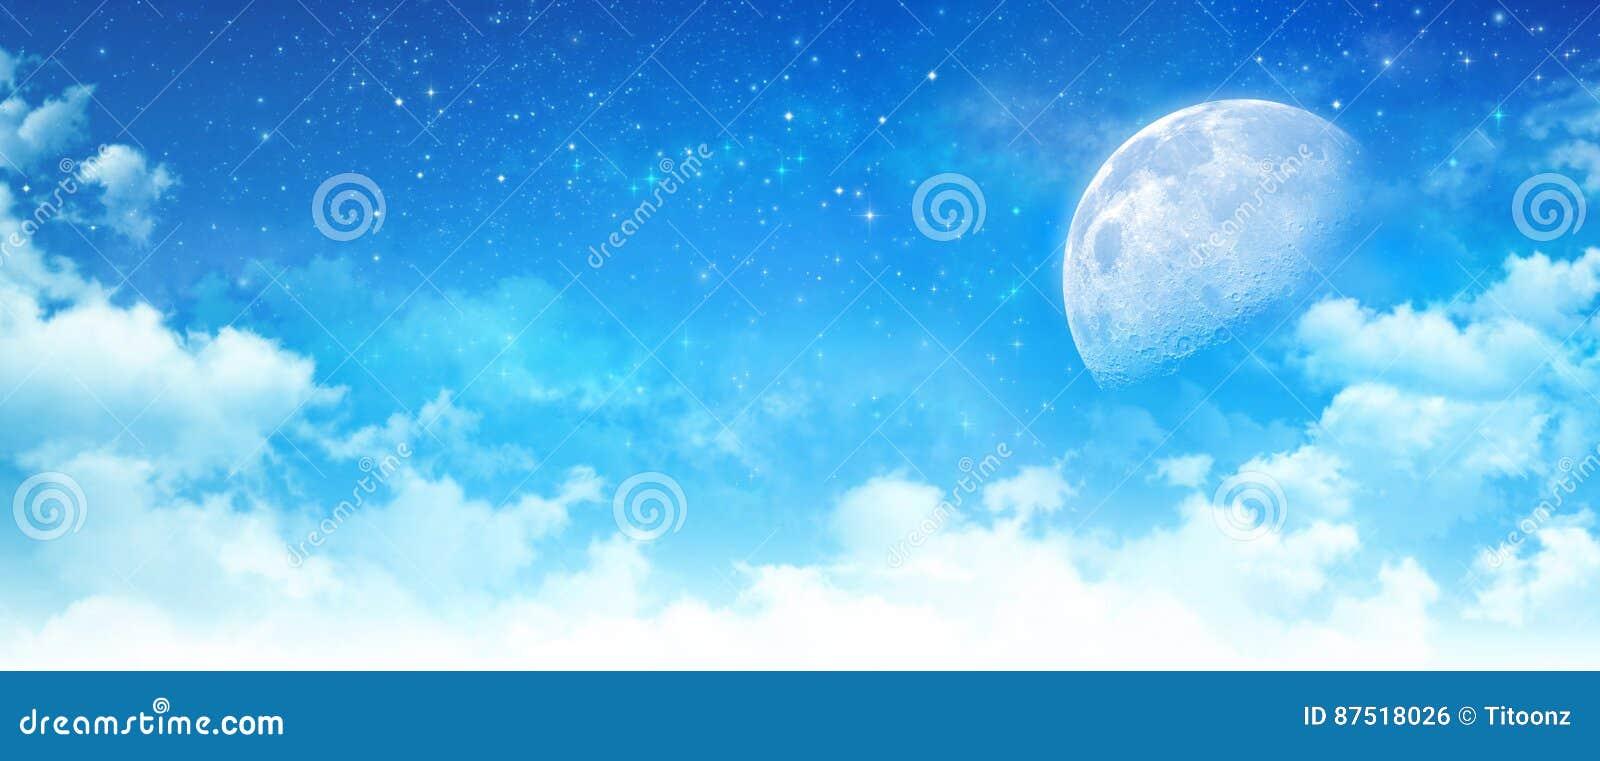 Mondlicht in einem bewölkten blauen Himmel